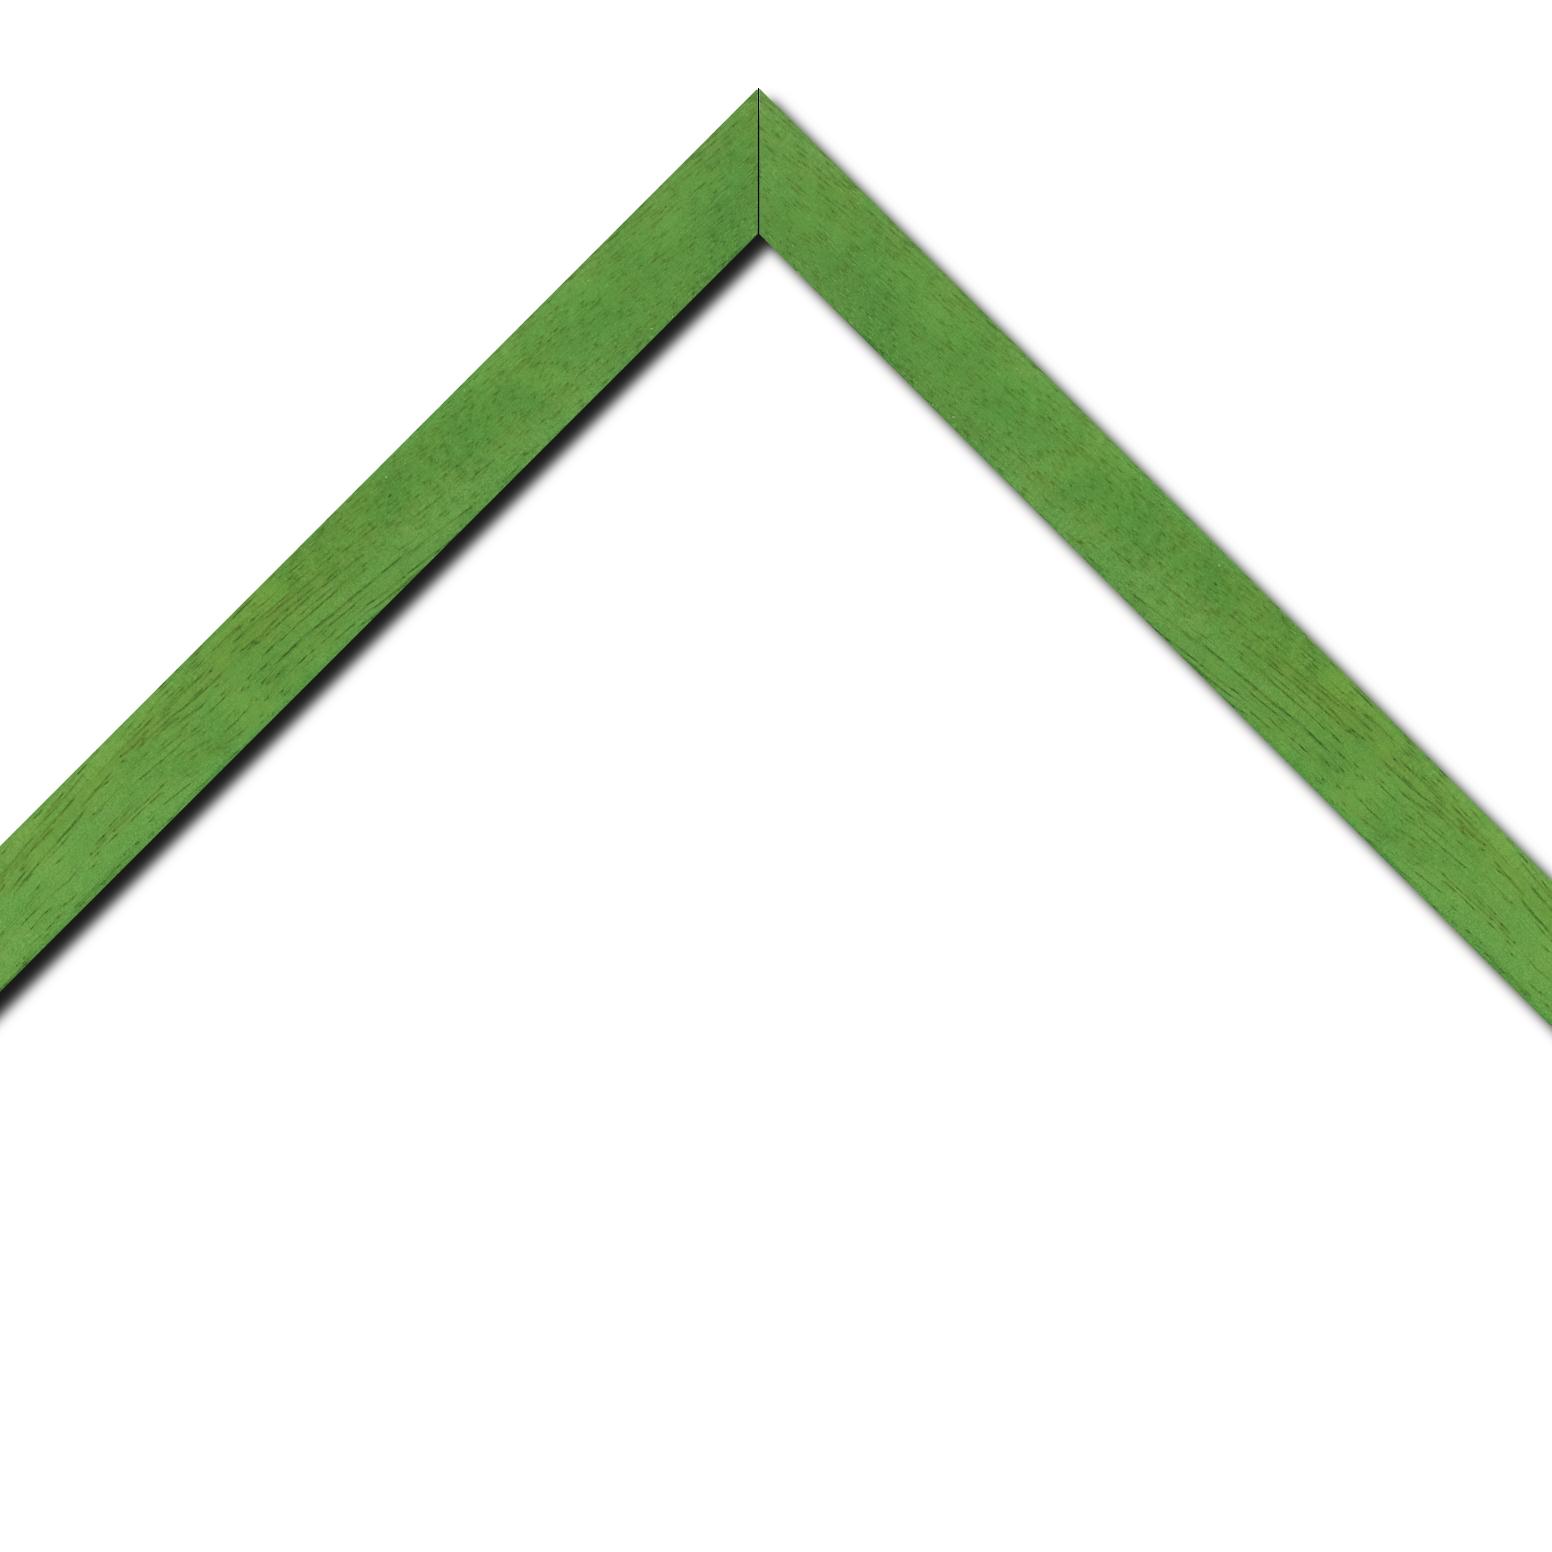 Baguette bois profil plat largeur 2.5cm couleur vert menthe satiné